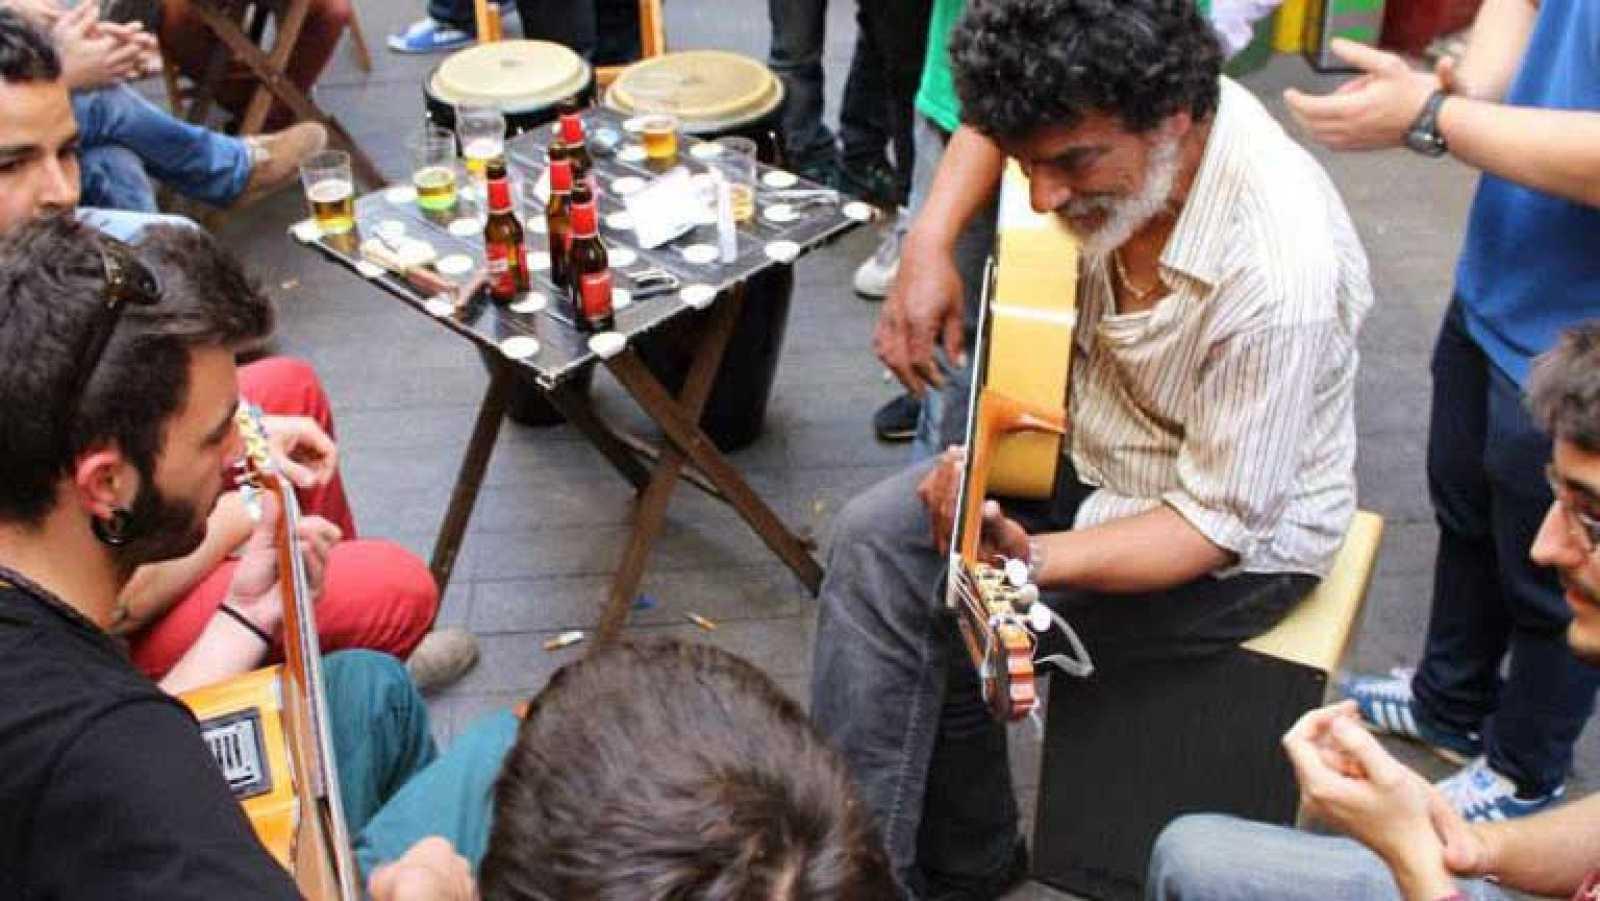 Vivan los bares - El chiringuito. Sevilla - ver ahora